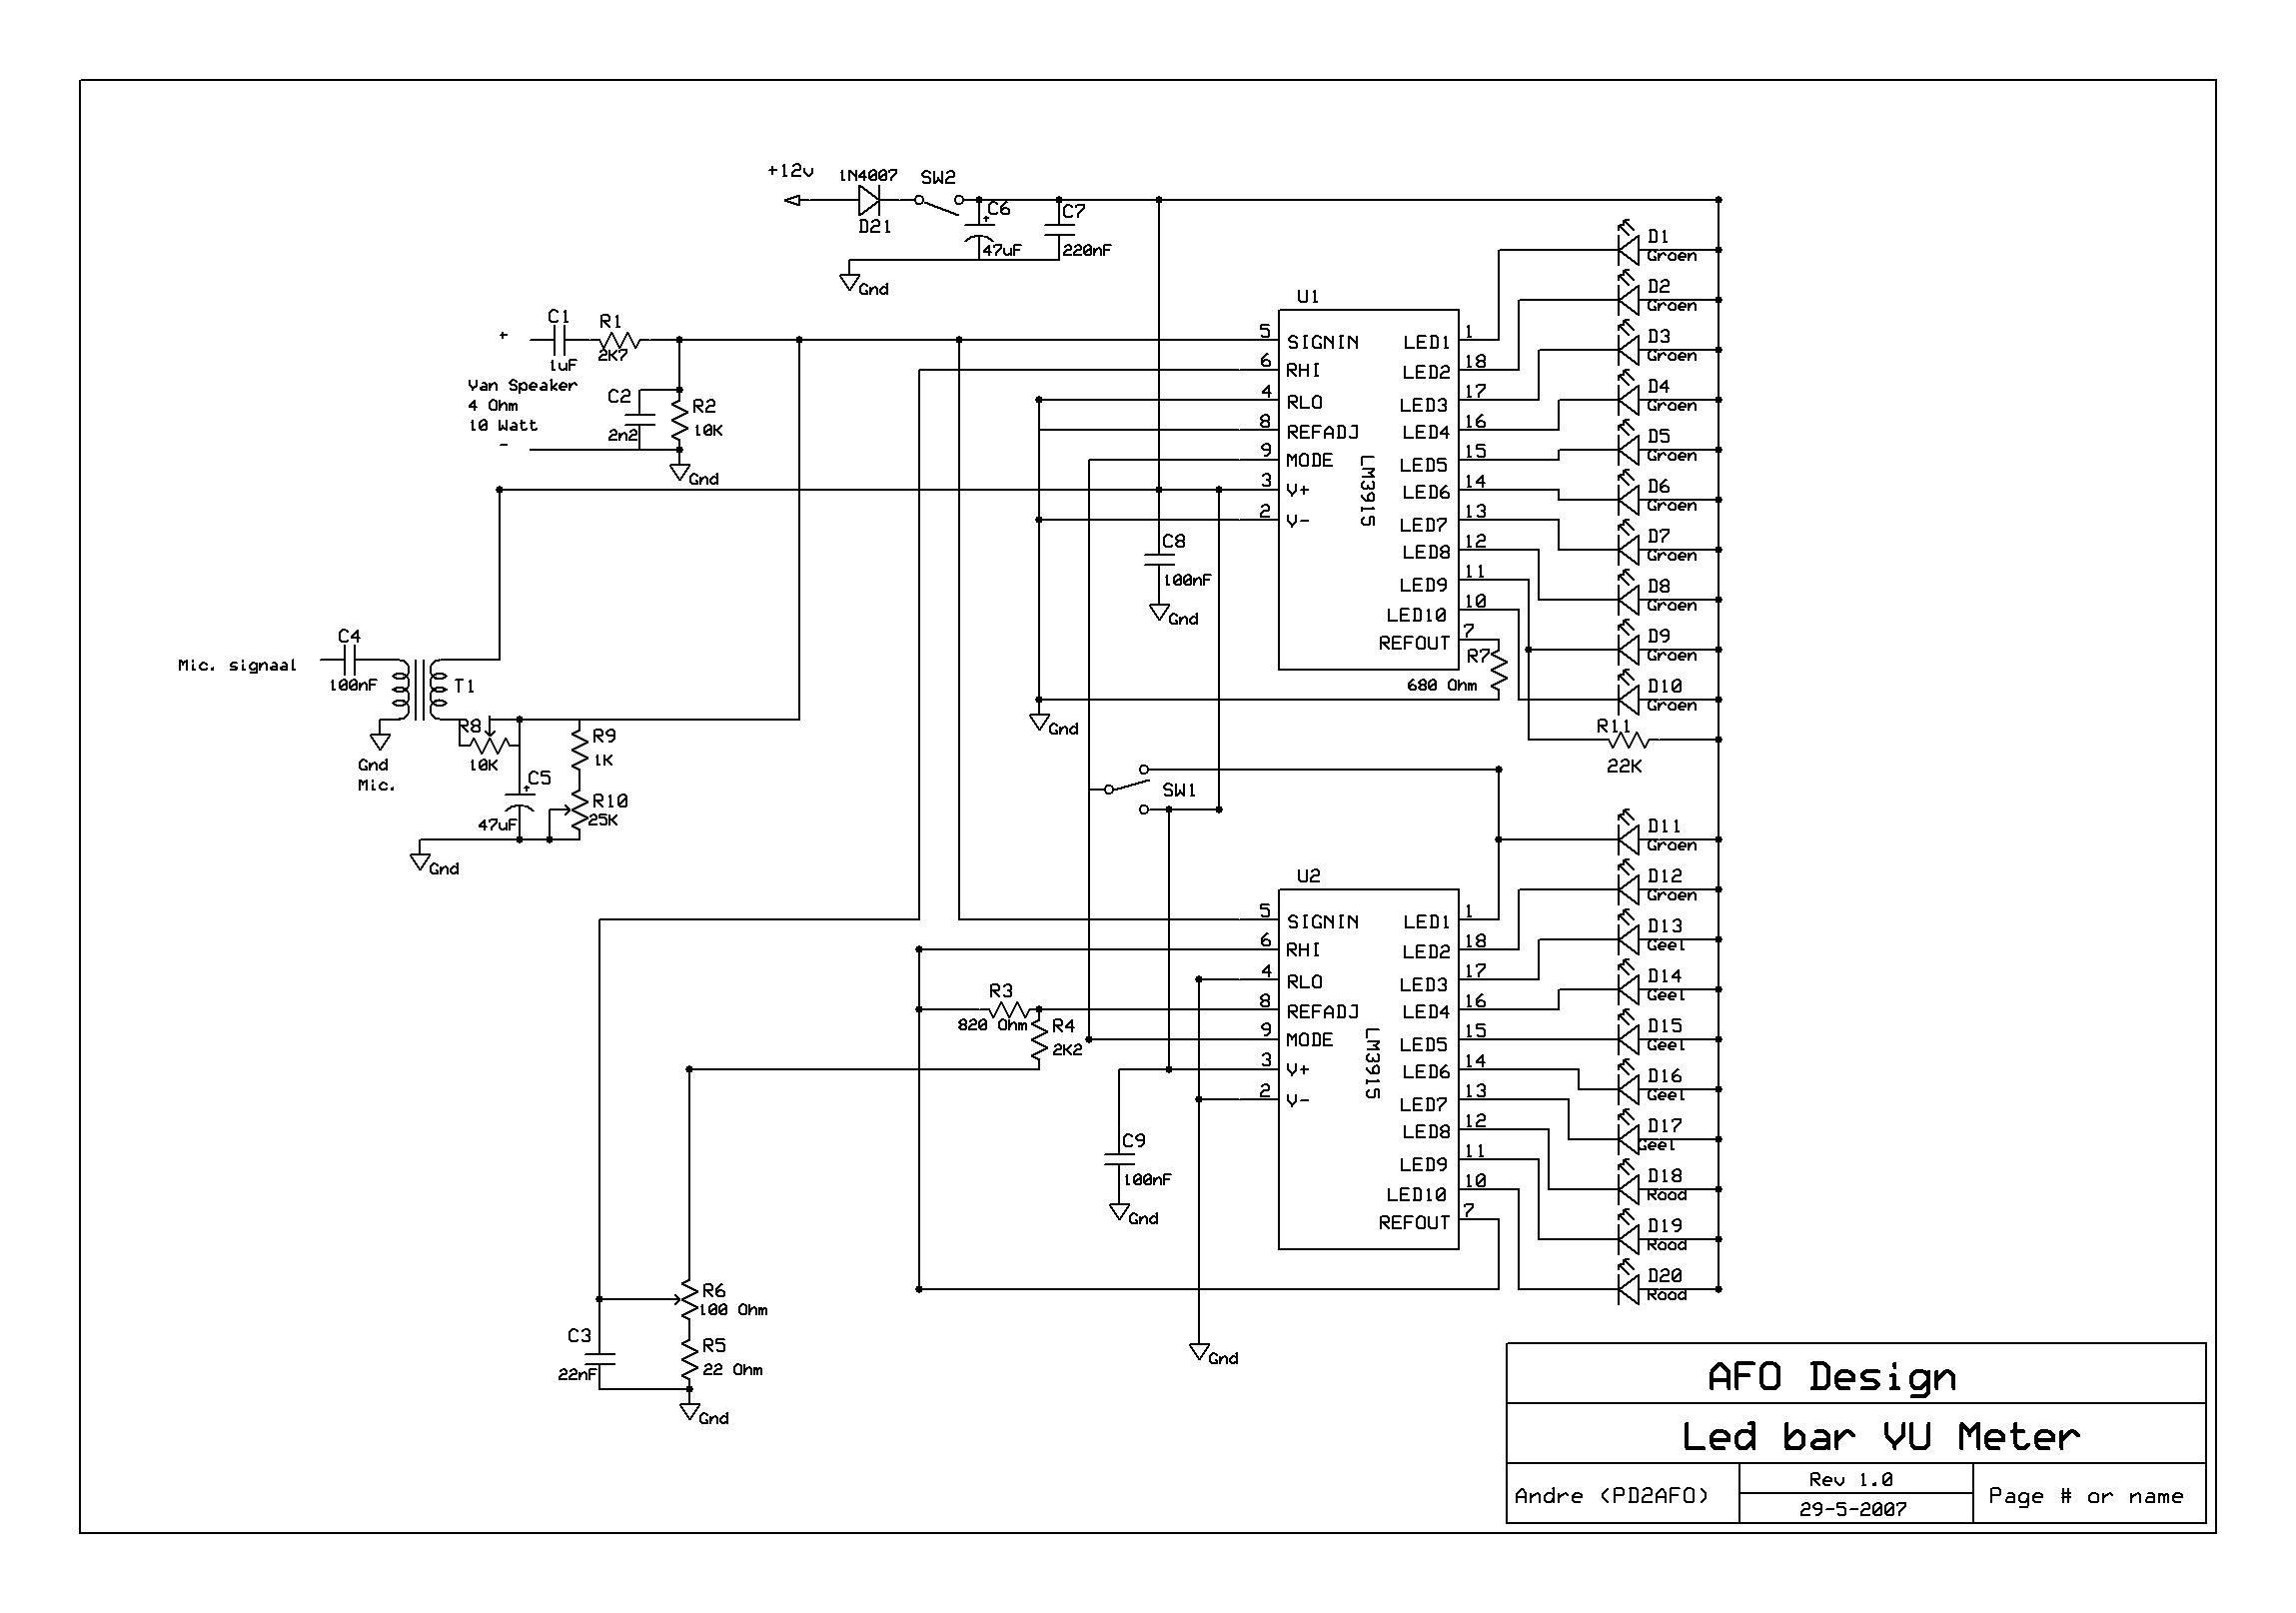 Led Vu Meter Circuit Diagram World 20 Lm3915 Bar Met Leds En Een Hele Hoge Ingangs Versterking